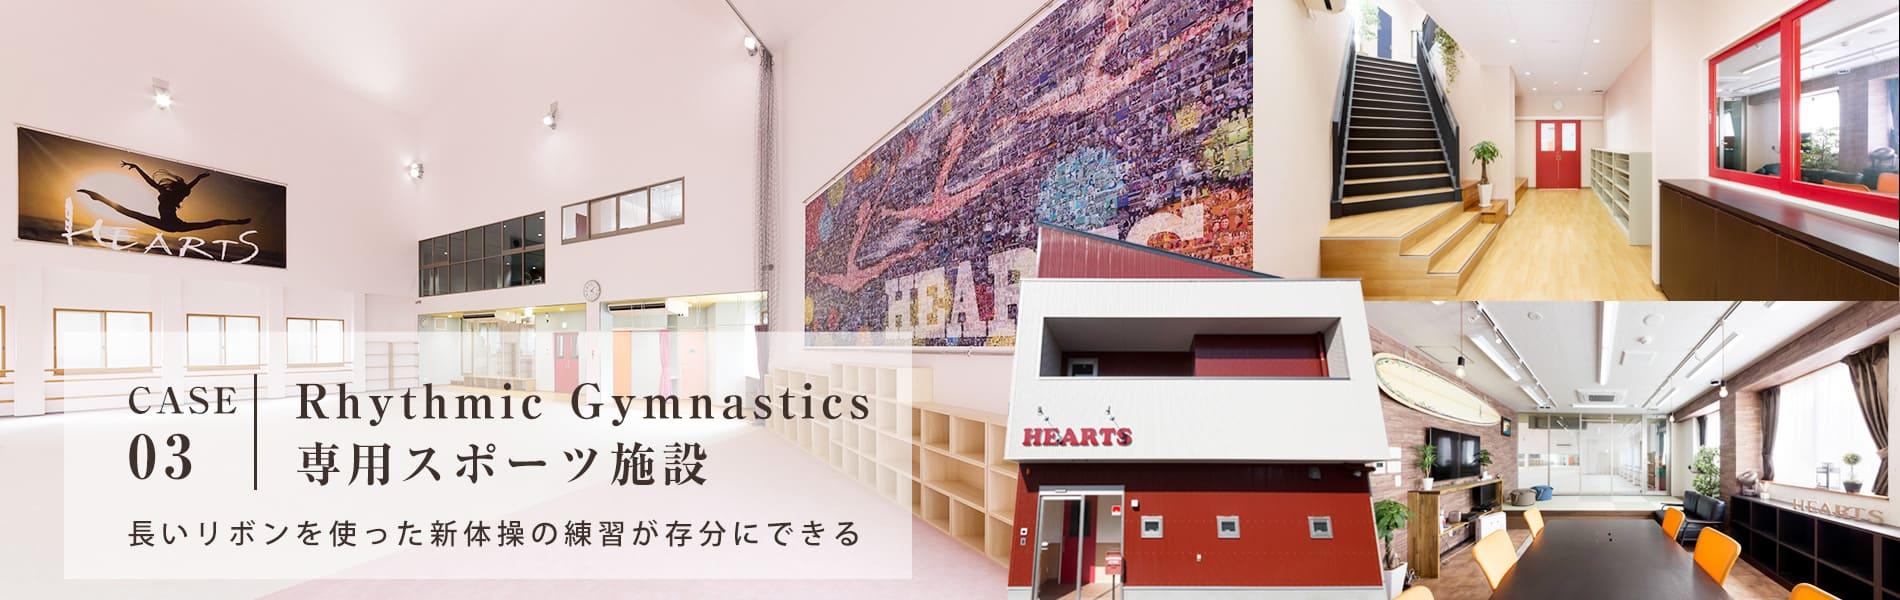 施工事例CASE3 Rhyth Gymnastics専用スポーツ施設